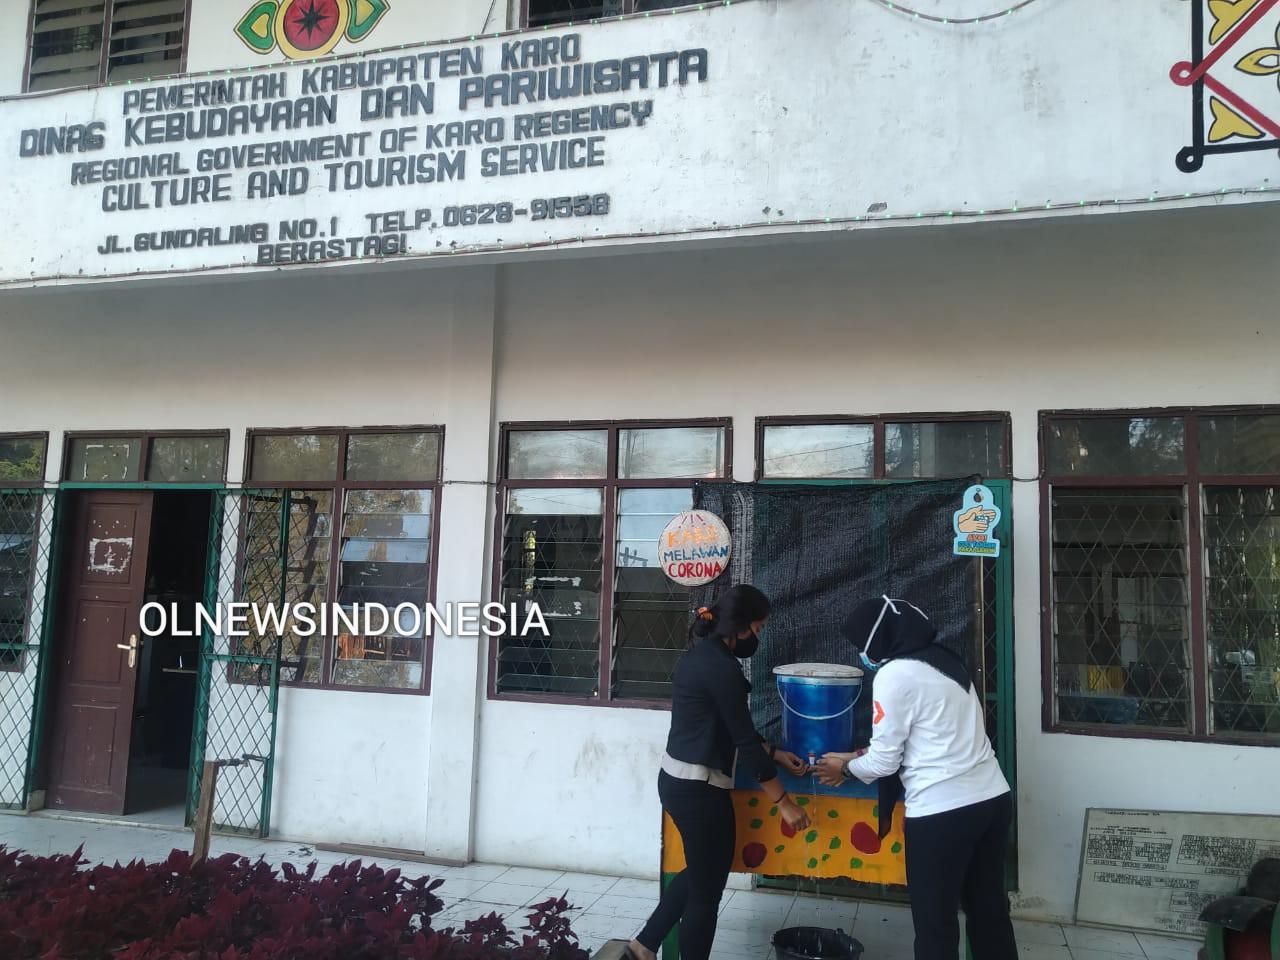 Ket foto : Didepan Kantor Pariwisata Kabupaten Karo memasang sarana sanitasi cuci tangan bagi warga, Rabu (15/03) 2020 (Ist)